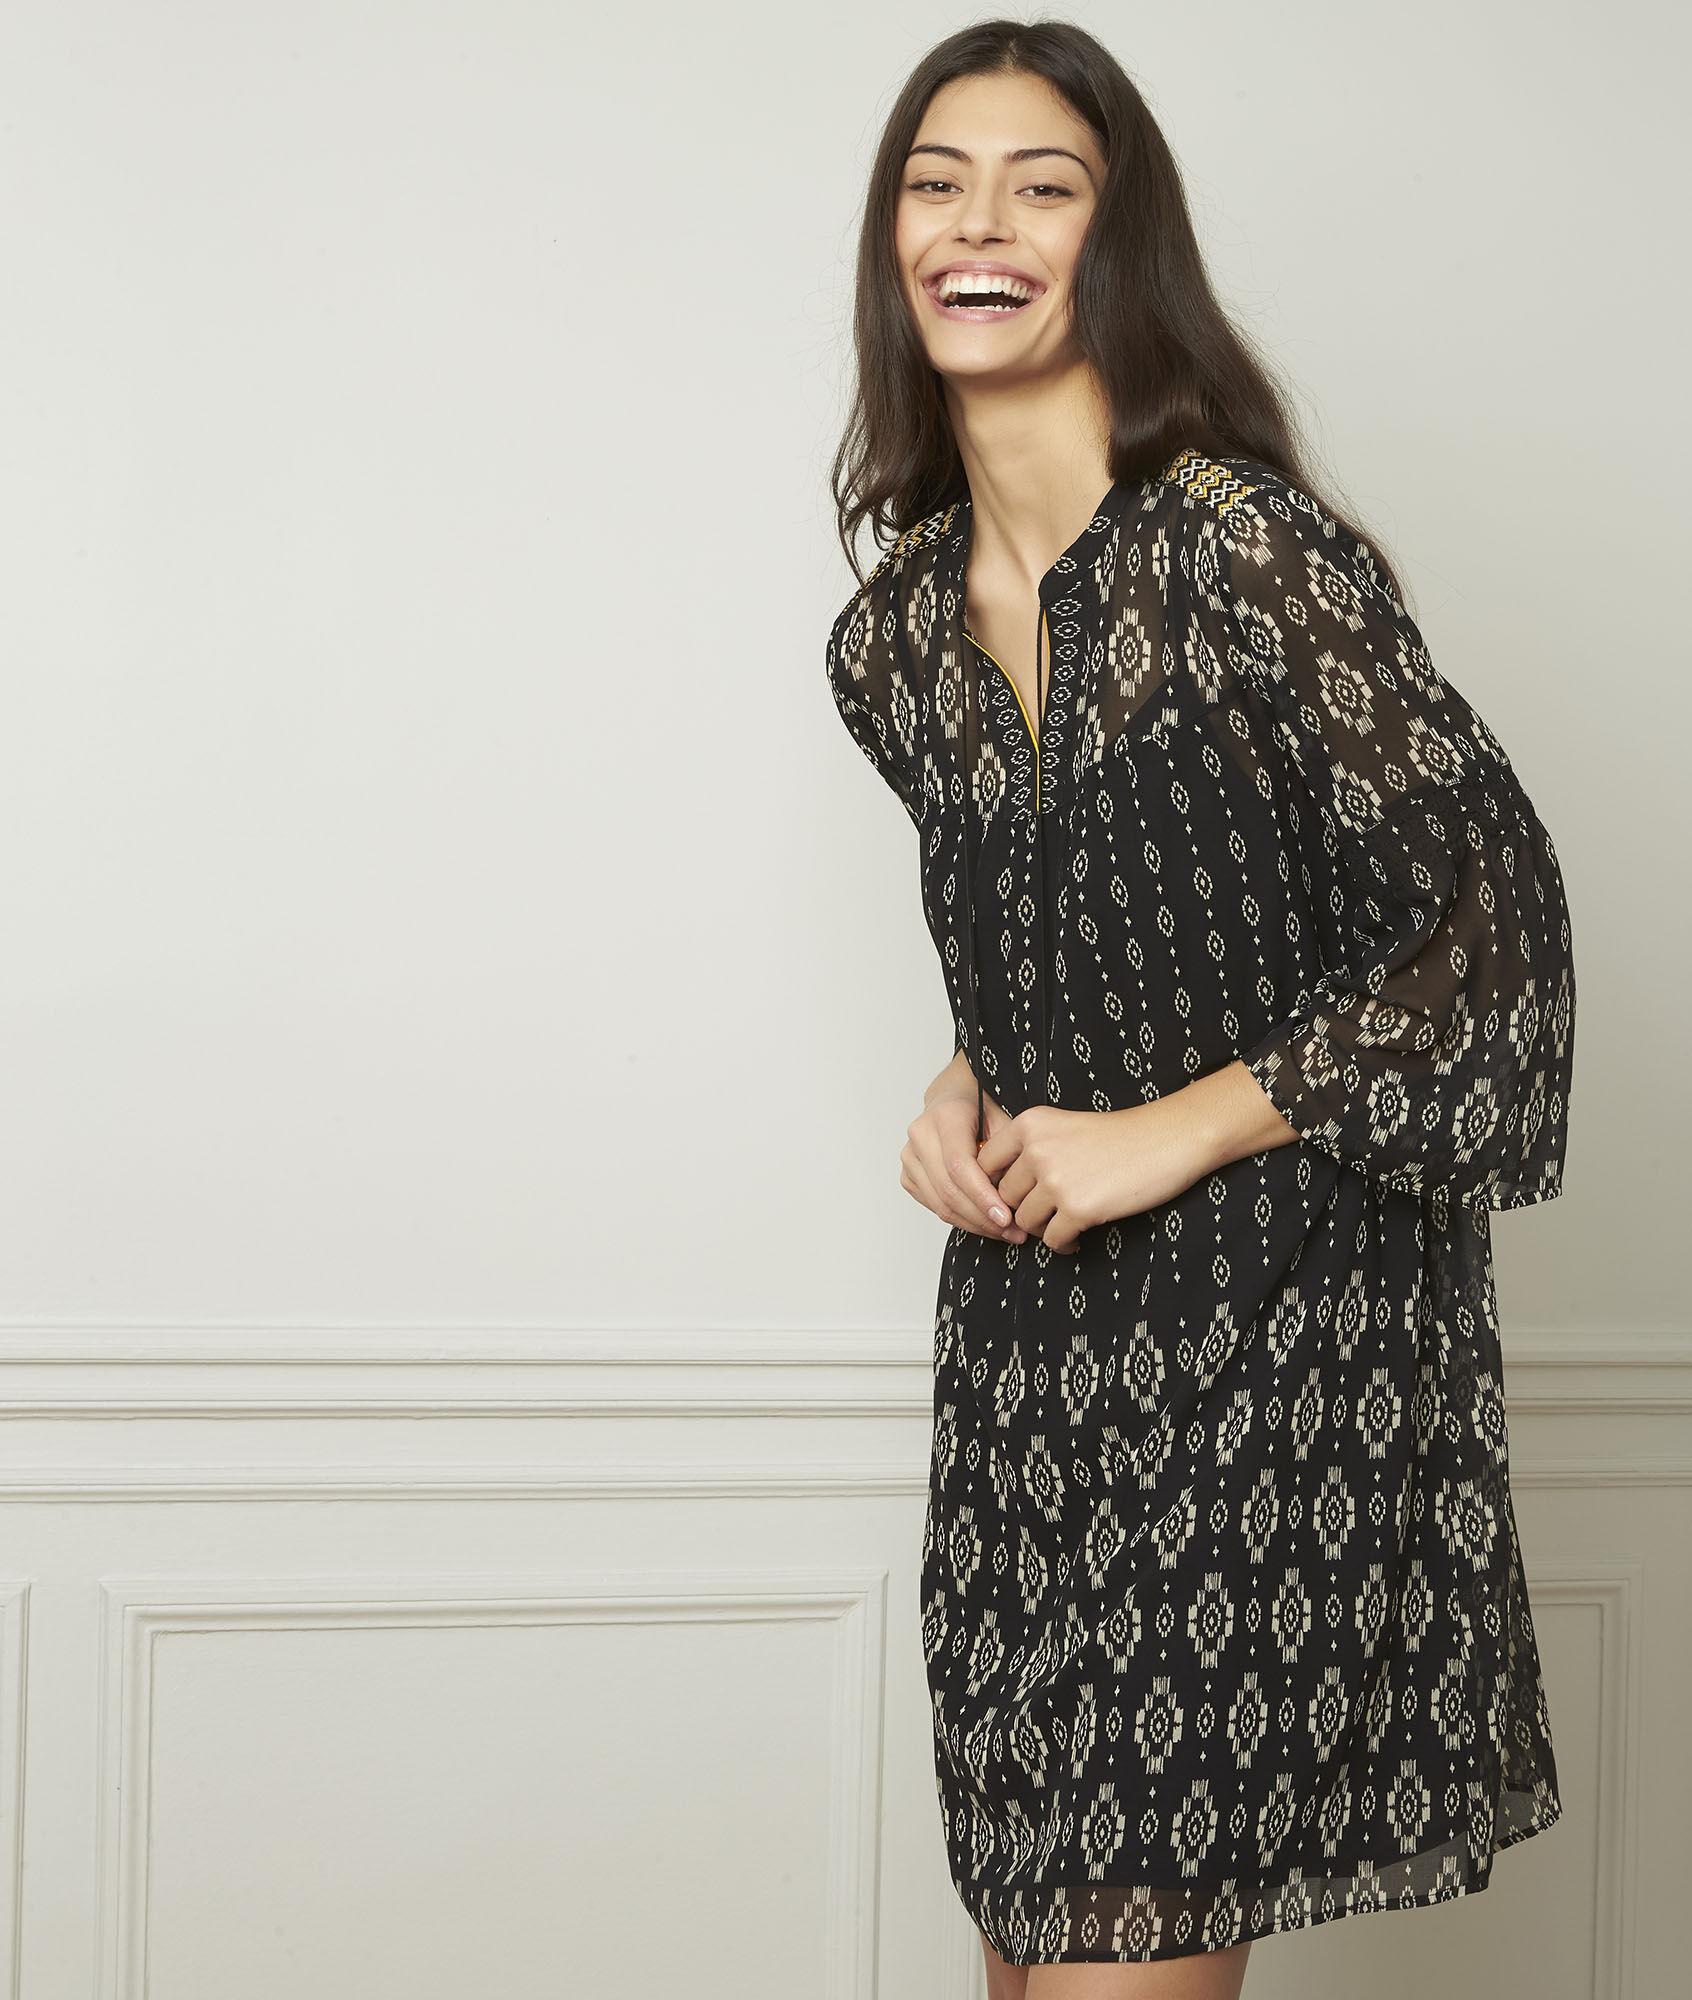 3a10844ec8b Robe noire motifs fantaisie Loise - Maison Cent Vingt-Trois